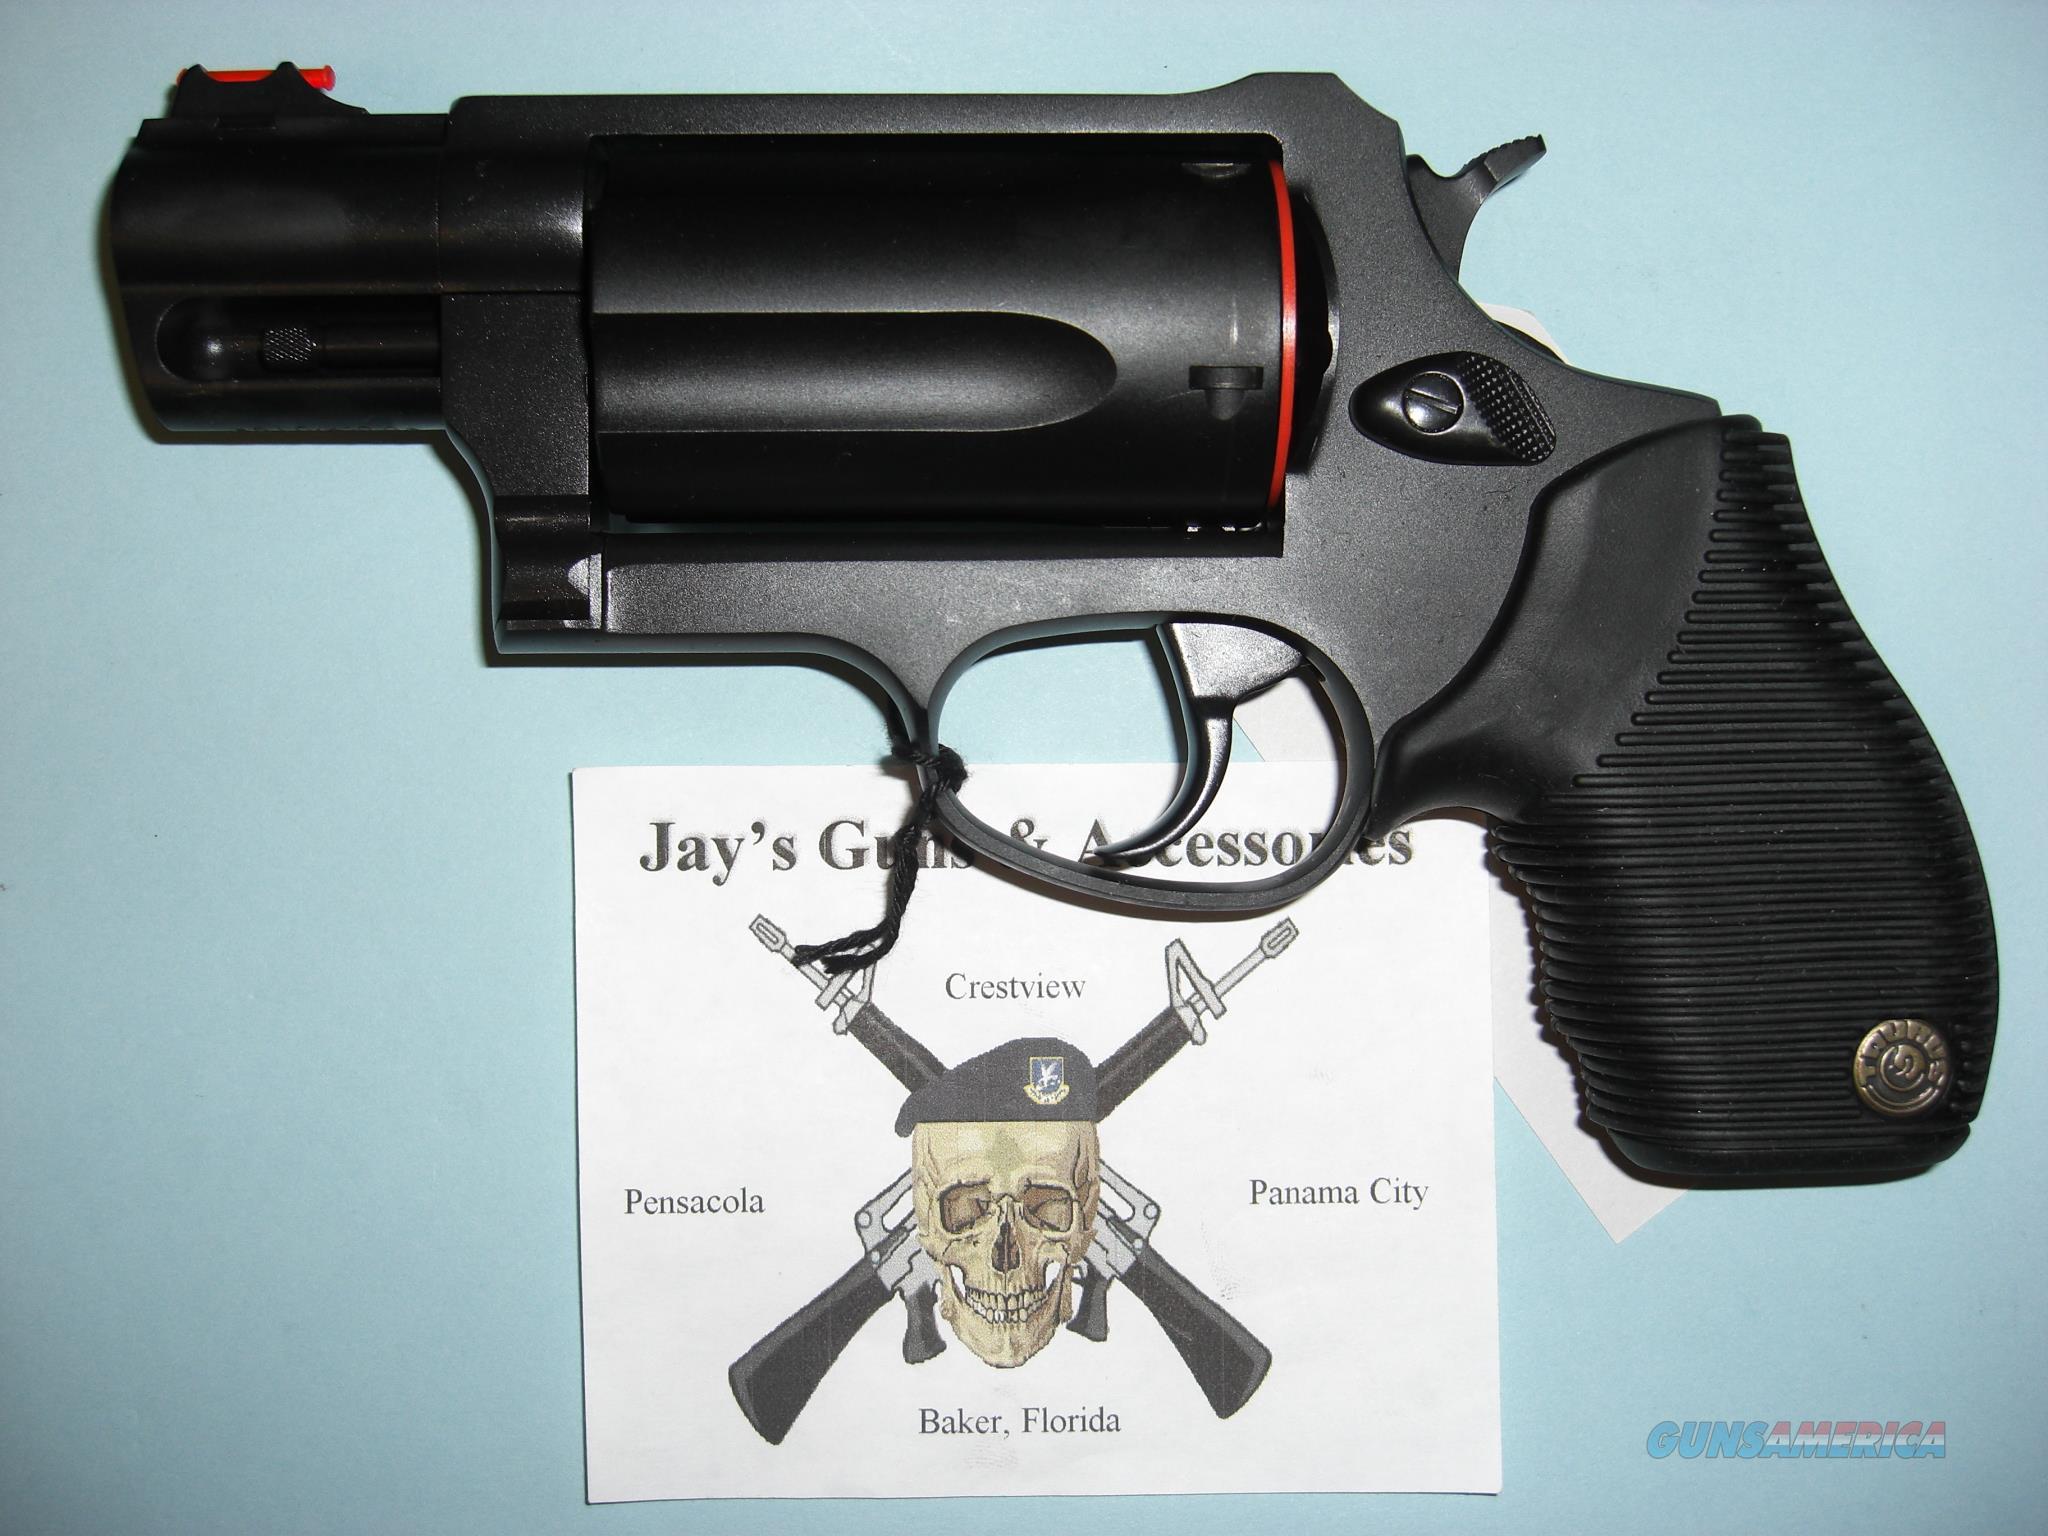 Taurus 4510 Judge Public Defender  Guns > Pistols > Taurus Pistols > Revolvers